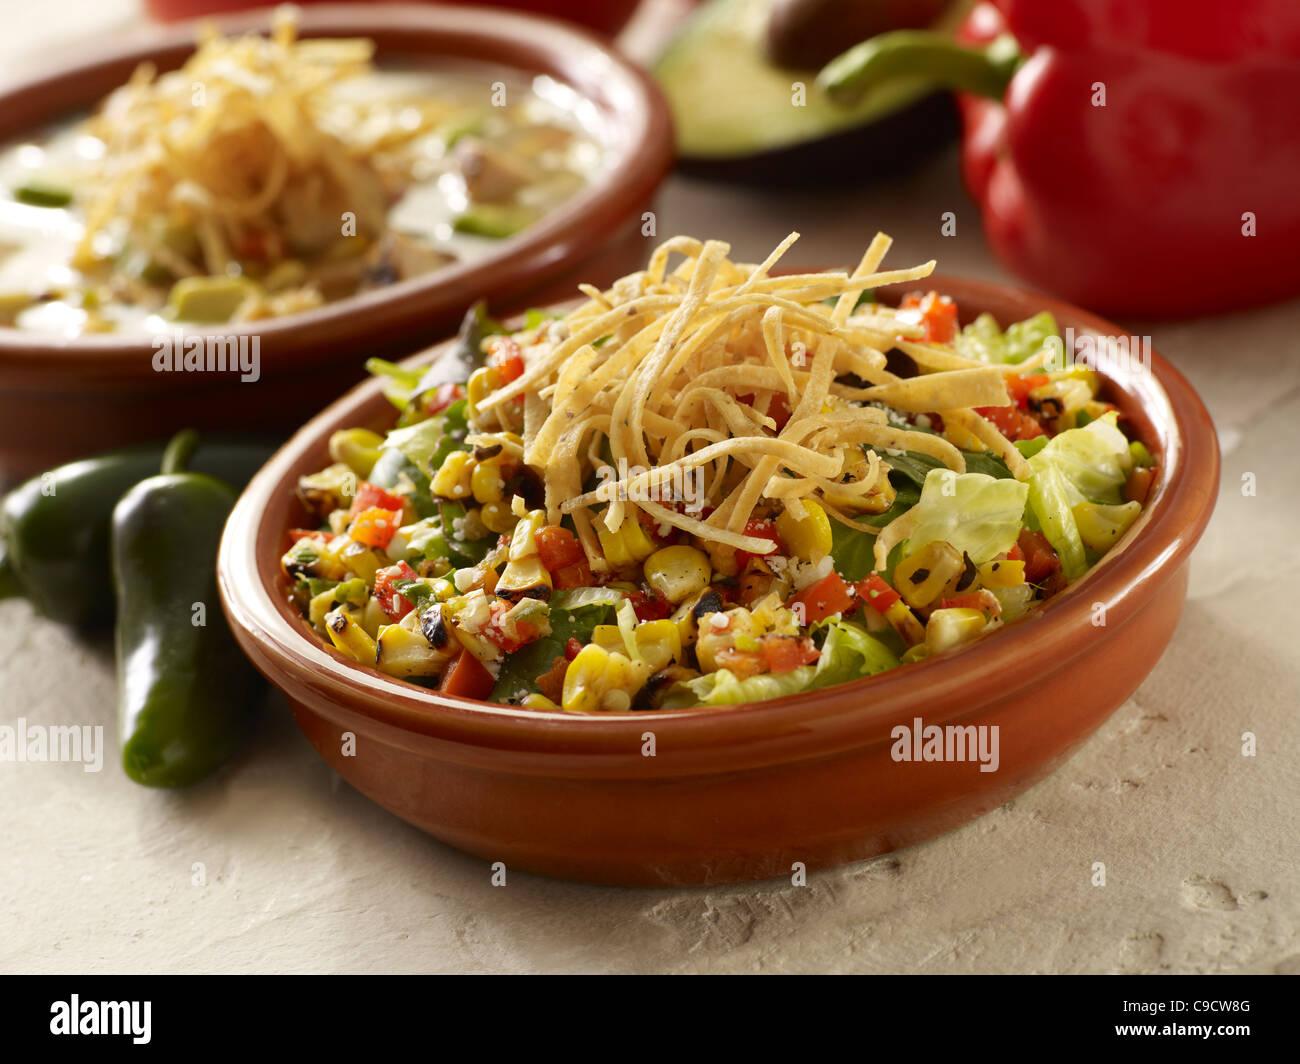 Légumes grillés salade de laitue garnie de bandes de tortillas et un bol de soupe Photo Stock